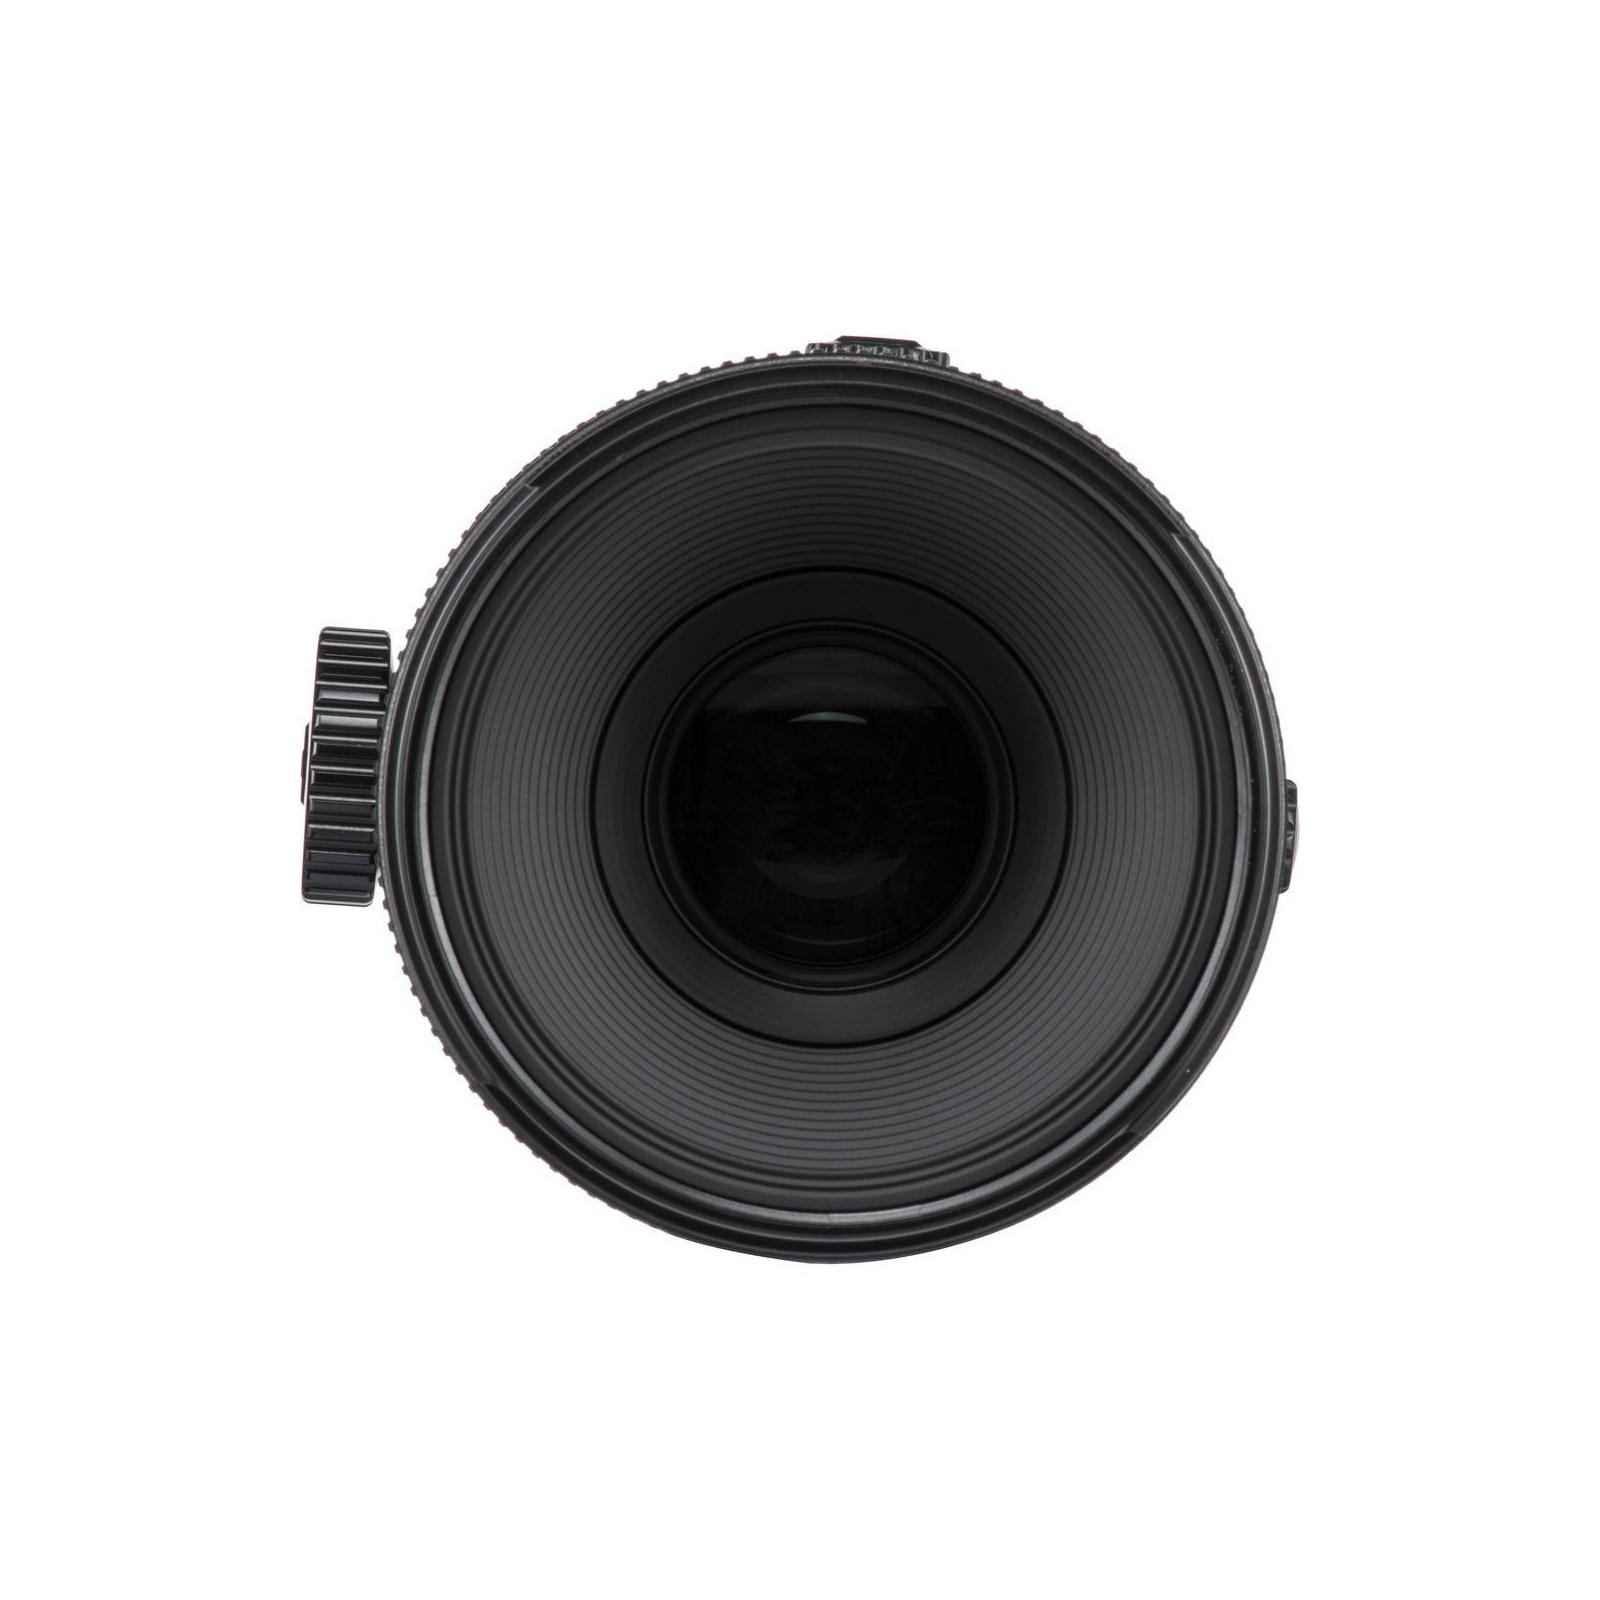 Объектив Canon TS-E 90mm f/2.8 L Macro (2274C005) изображение 12